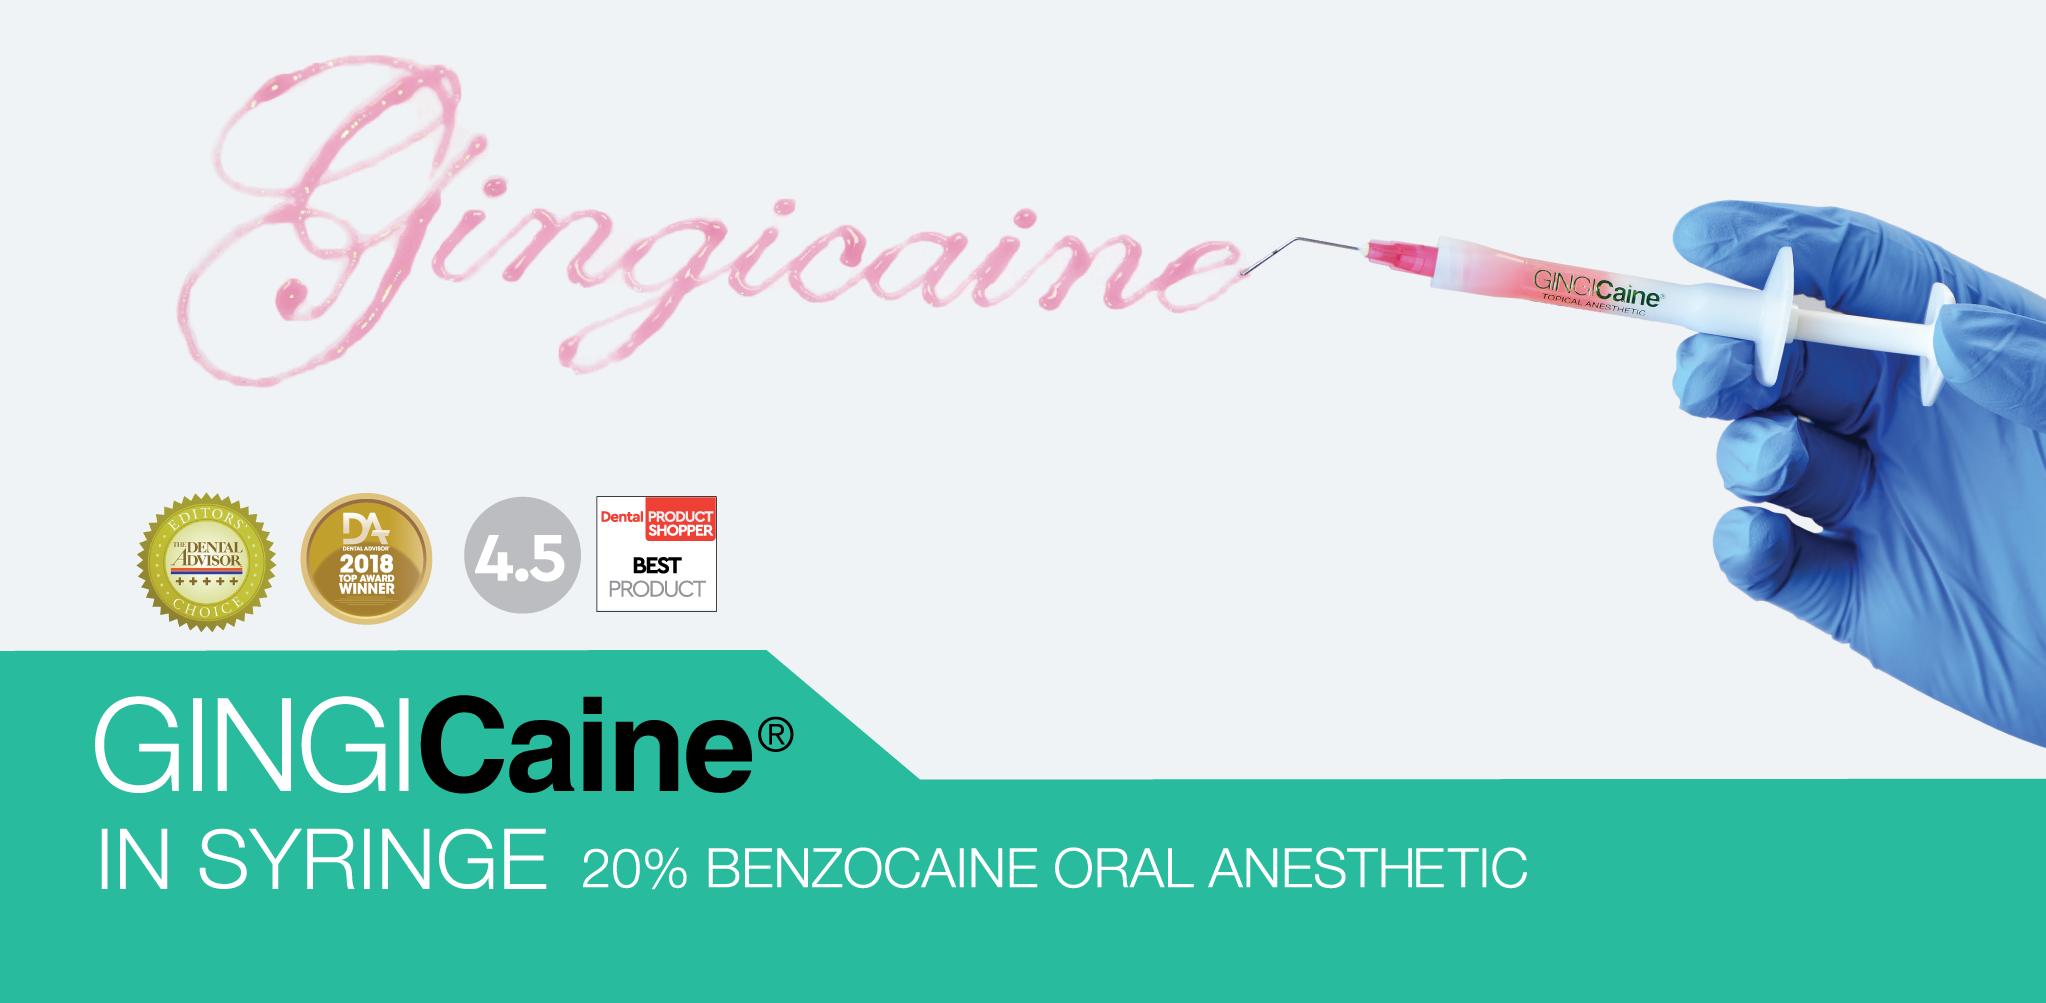 gingicaine-in-syringe-banner2-01